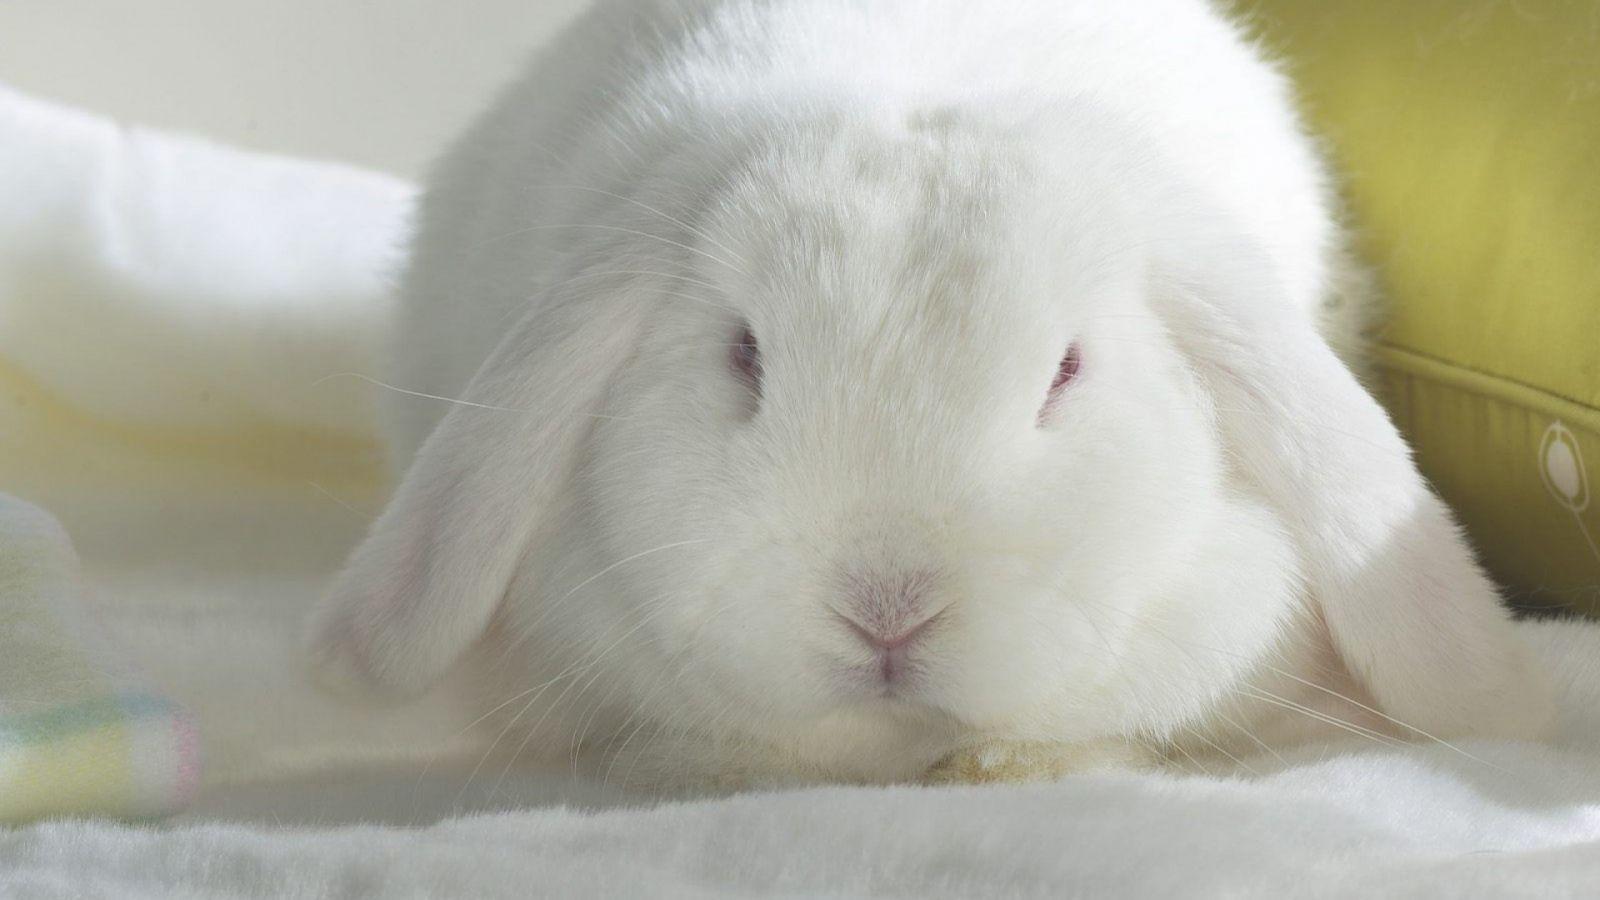 Bunny Rabbits Wallpaper Albino Lop Bunny Wallpaper Rabbit Wallpaper Beautiful Rabbit